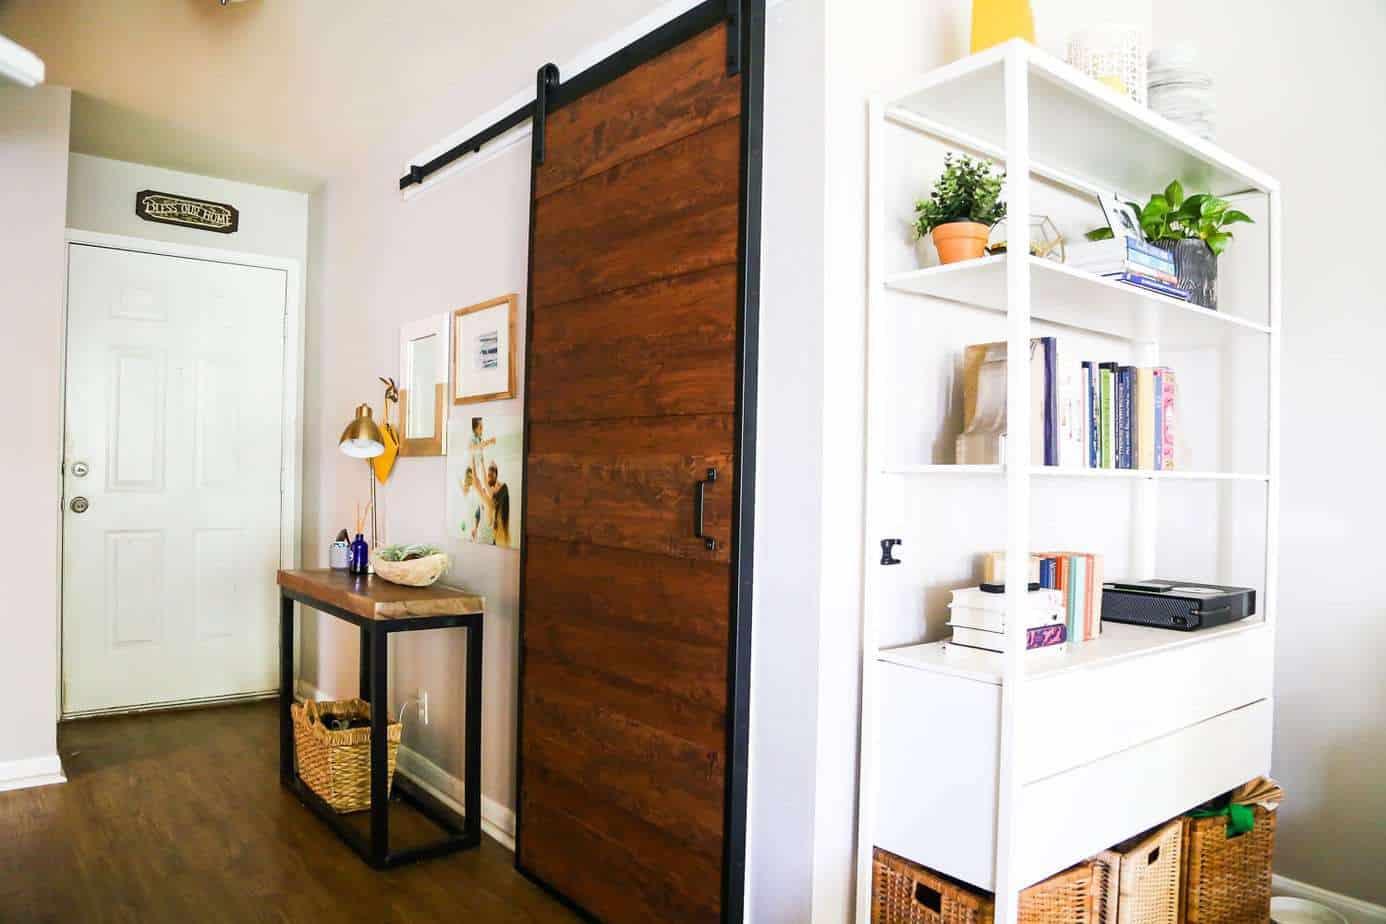 Laundry Room Door: Adding A Barn Door!